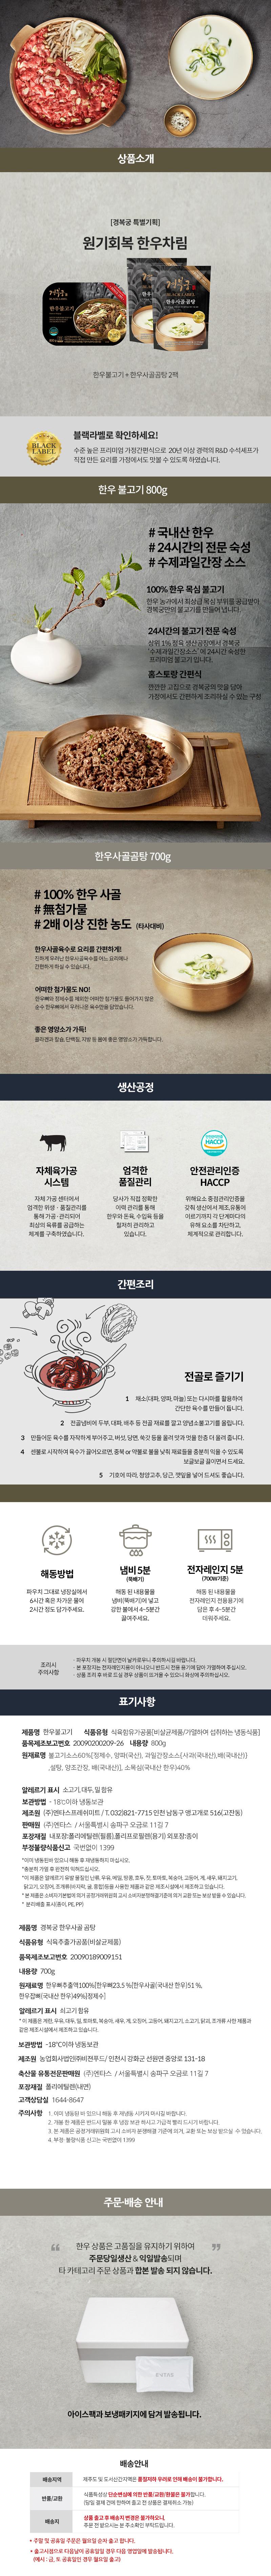 경복궁 원기회복 한우차림 세트 2.2kg 상품설명